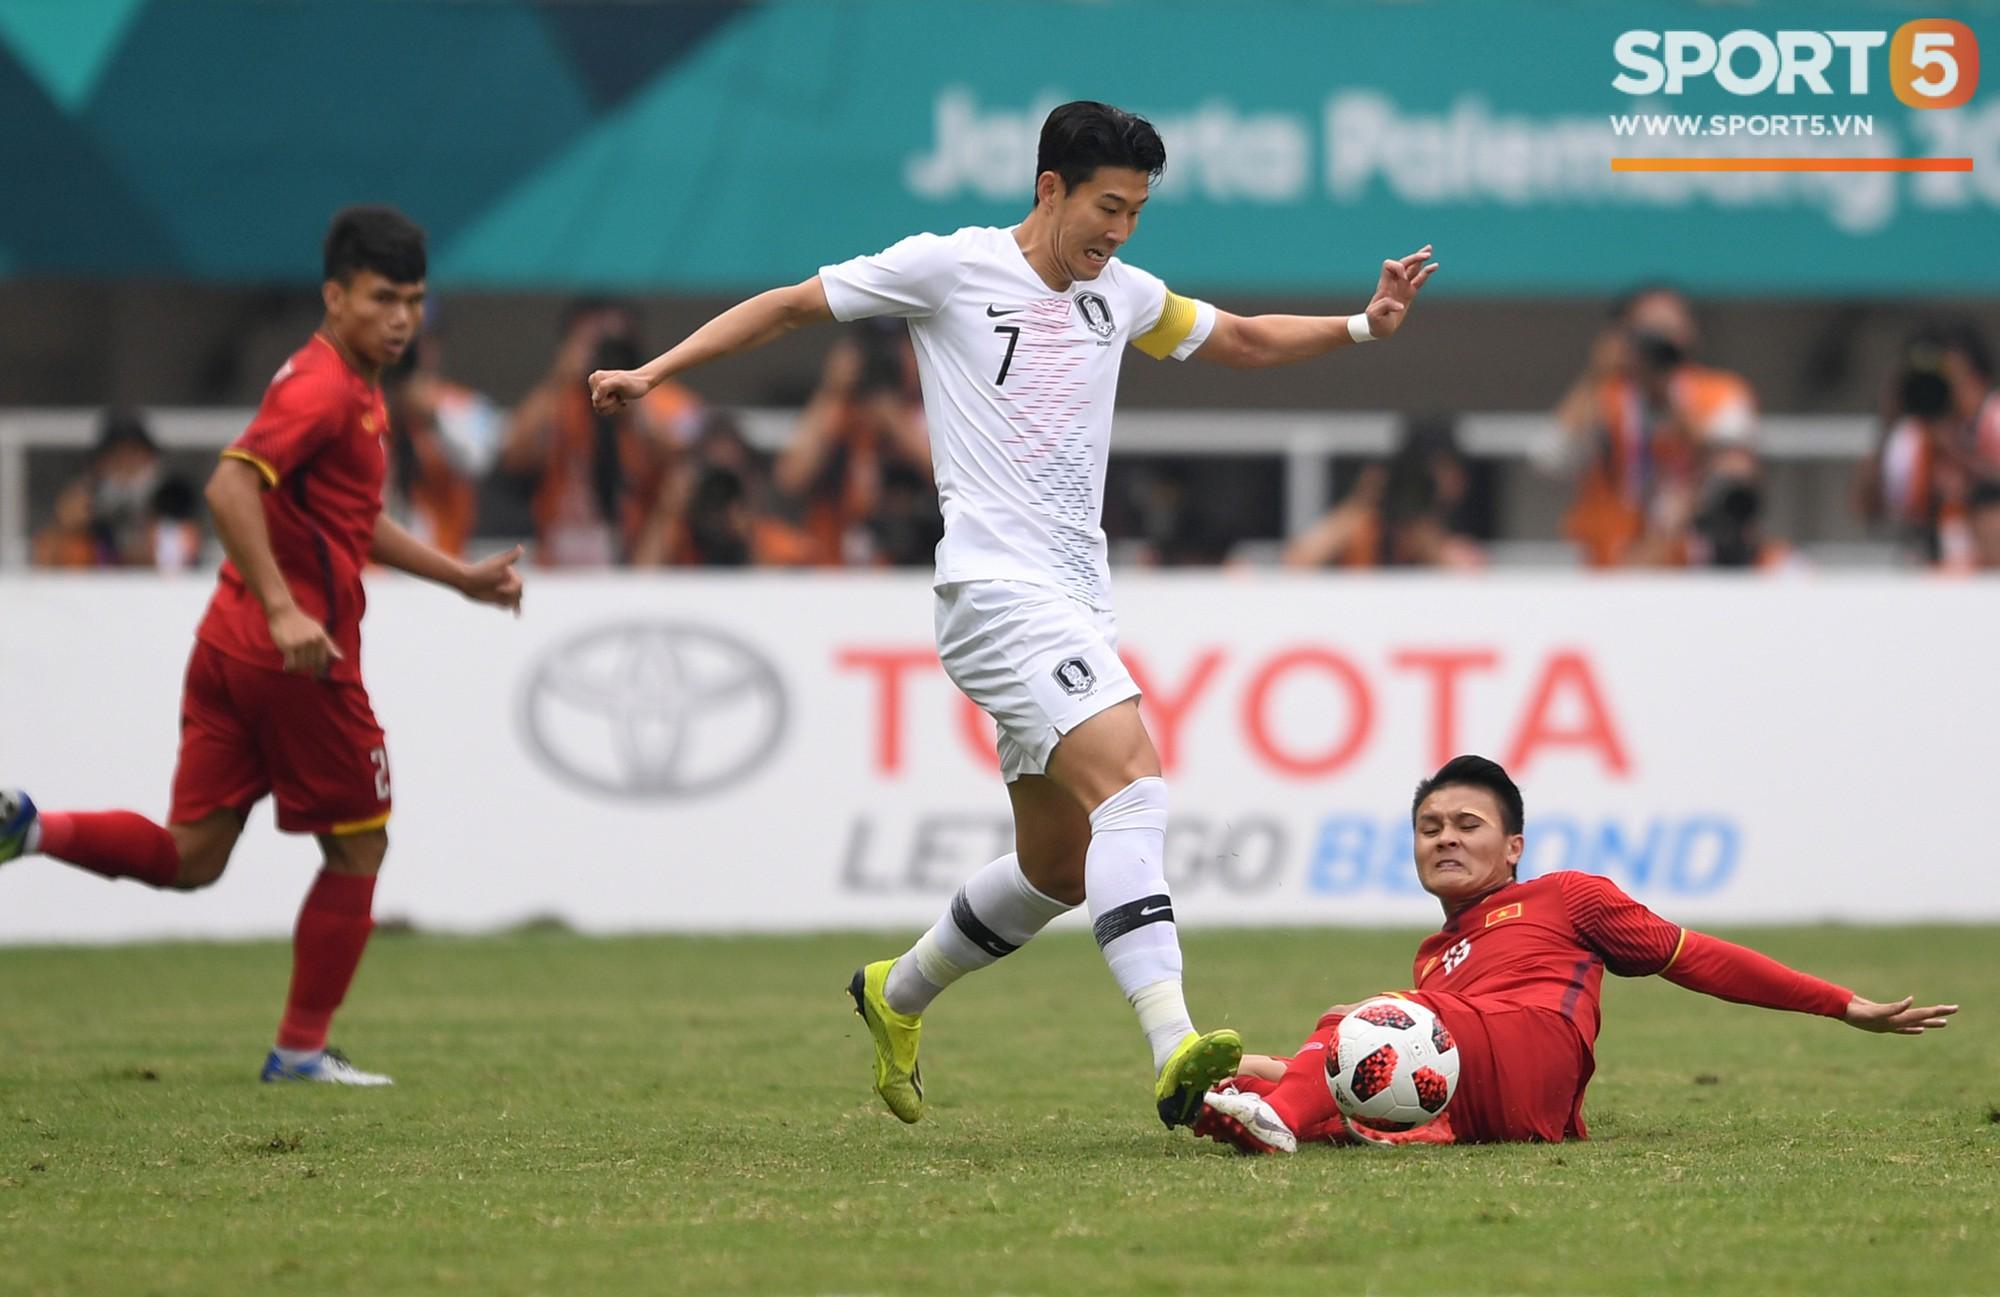 Báo Hàn lo đội nhà rơi vào bảng tử thần cùng Việt Nam tại vòng loại World Cup 2022 - Ảnh 1.